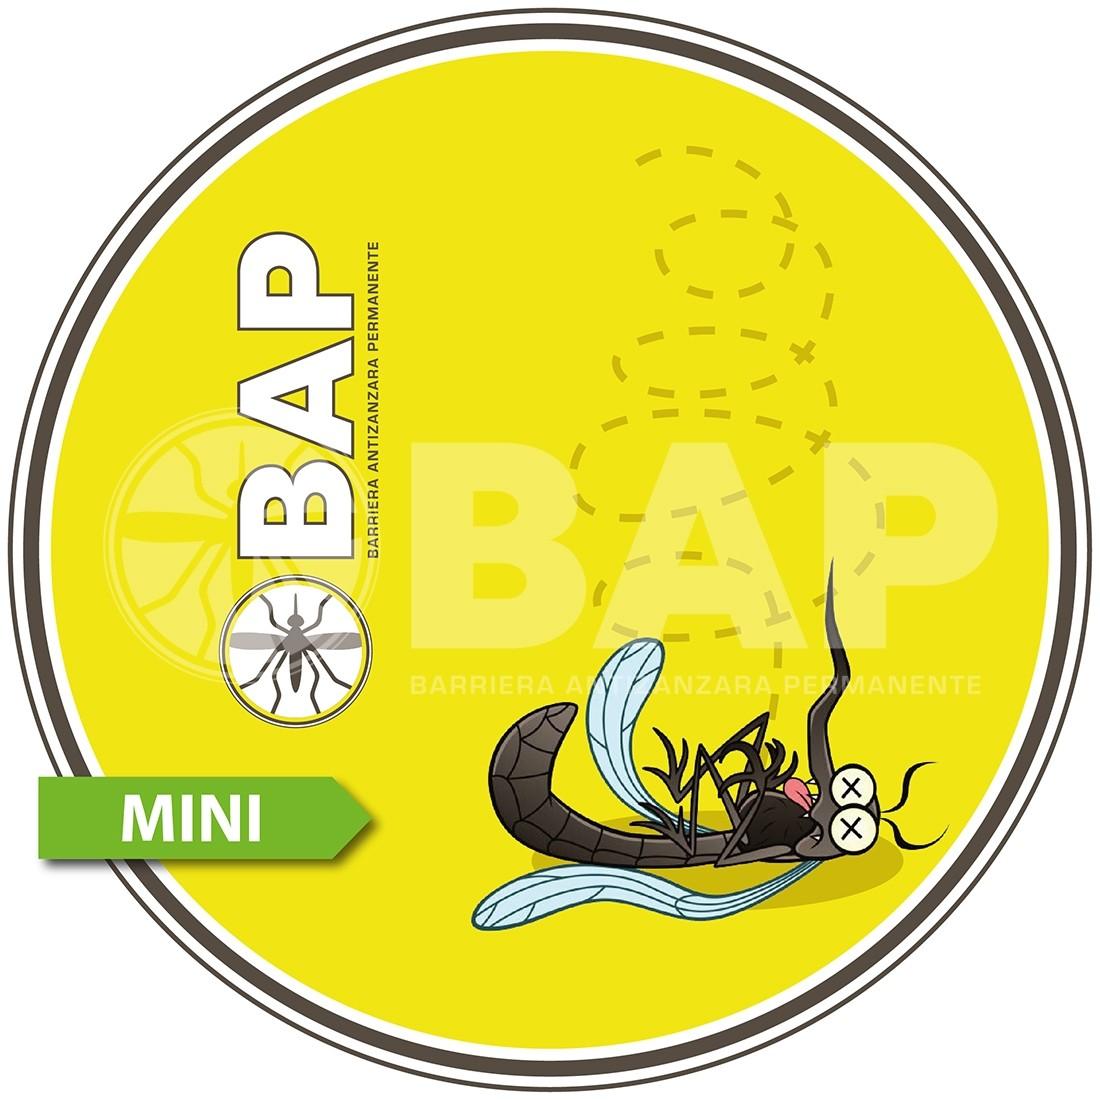 Cambiocaldaiaonline.it BAP miniBAP (no zanzariera) GIARDINO / BALCONE BIG kit base fornito in opera* con incluso 1 anno di manutenzione Cod: MINIBAP-332